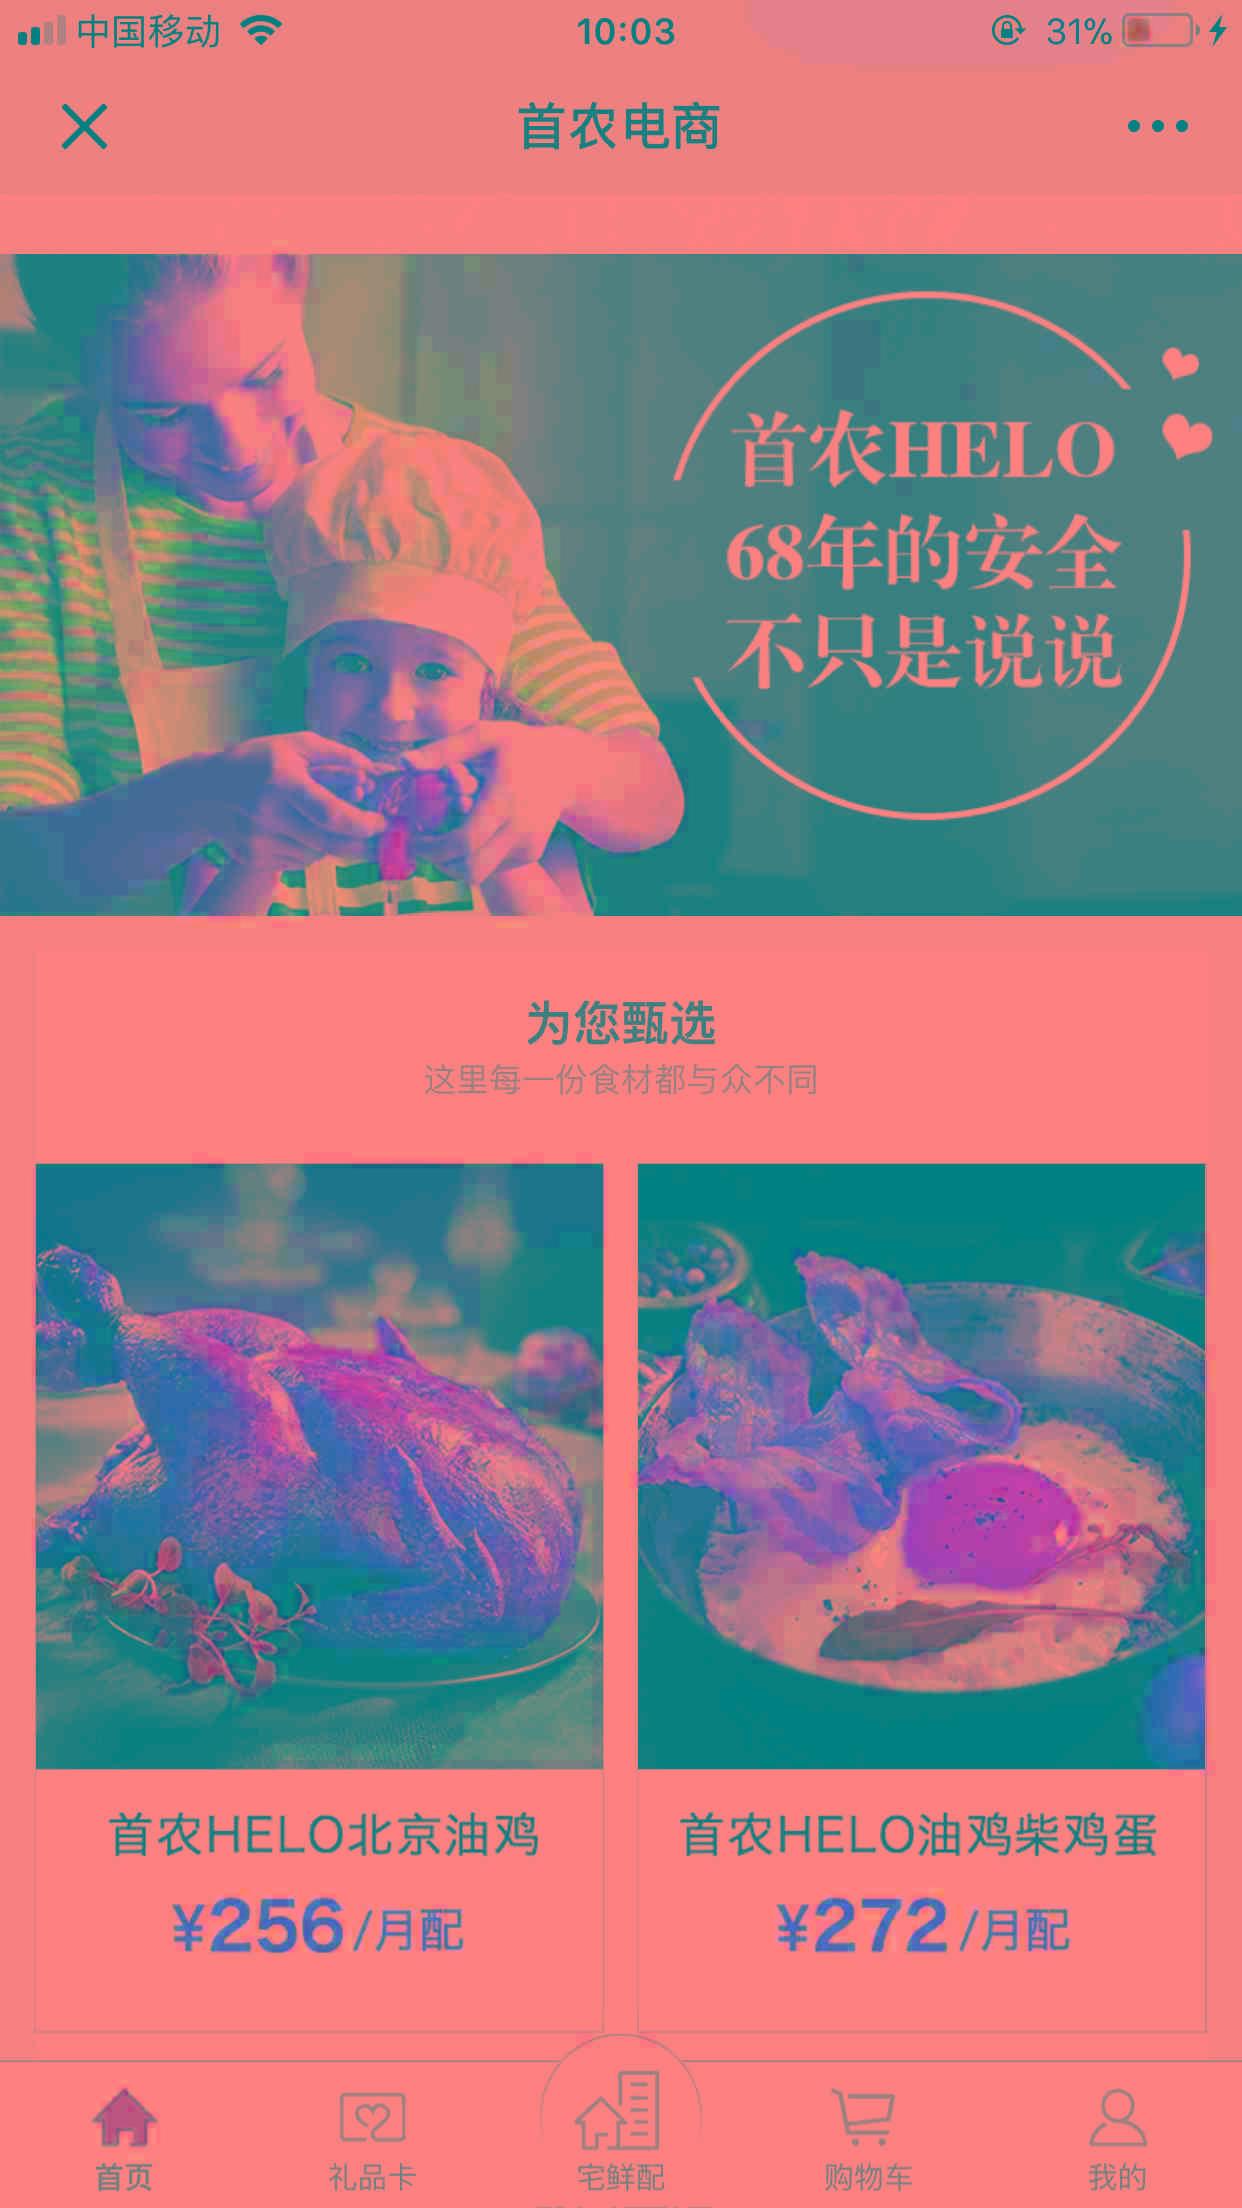 http://www.shangoudaohang.com/shengxian/212835.html